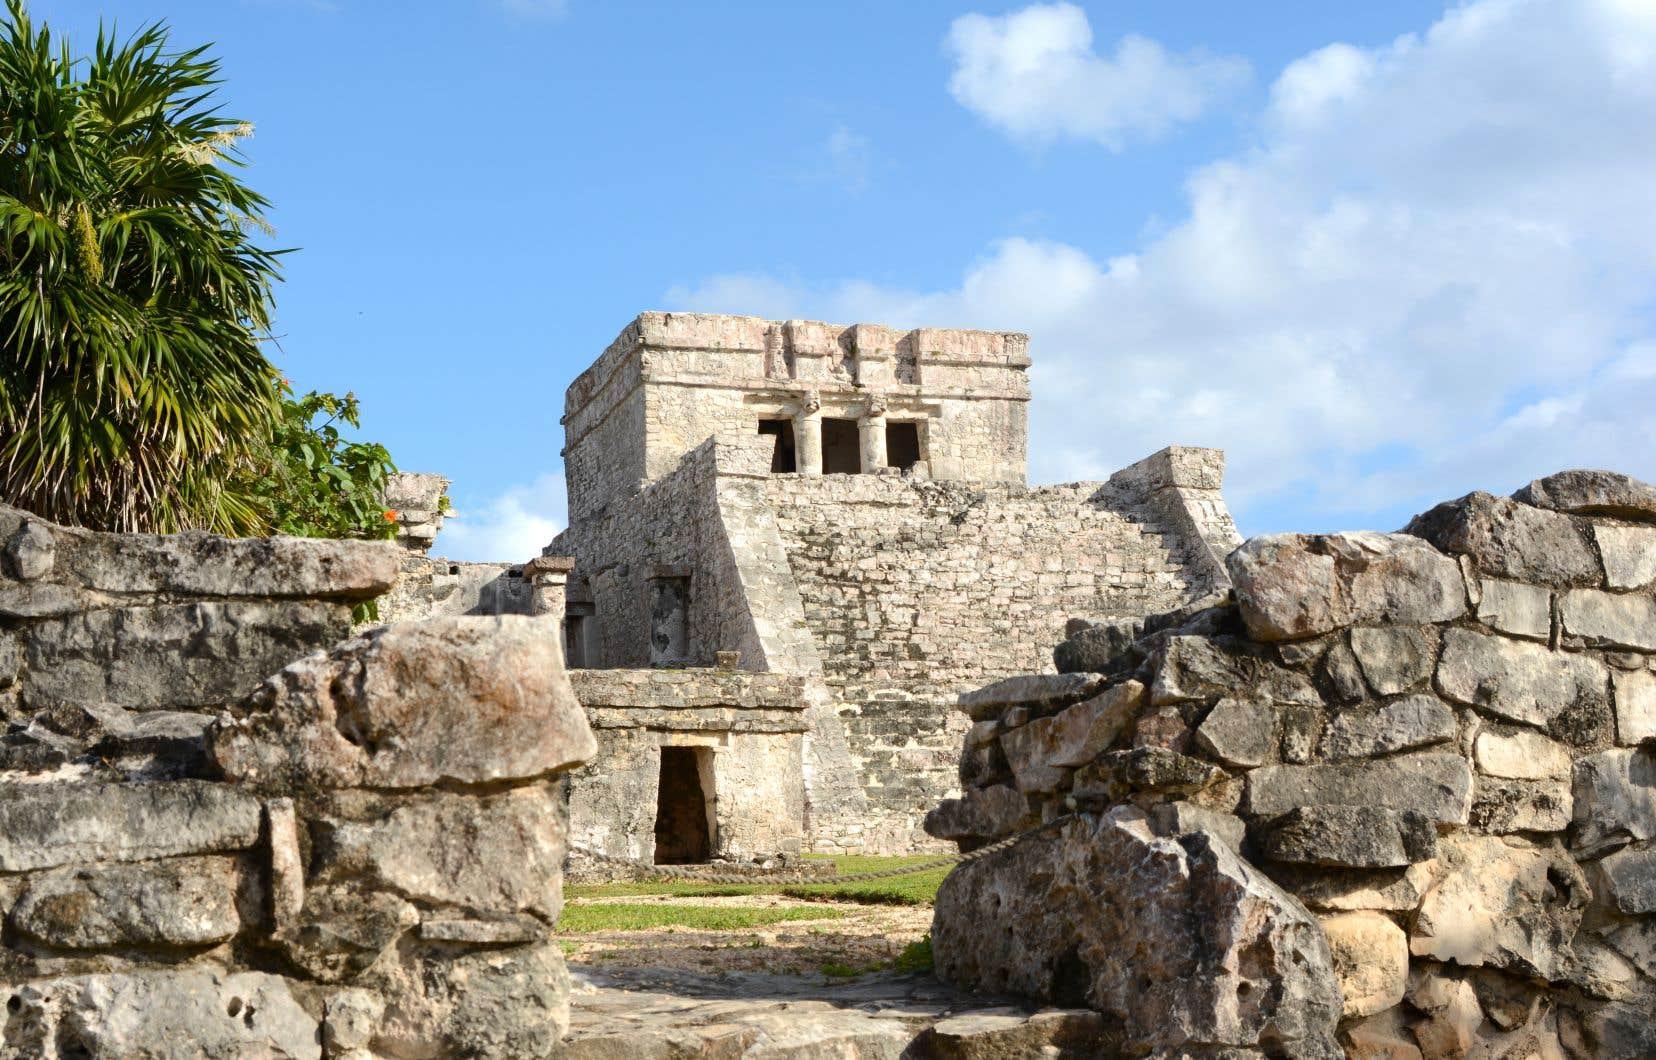 El Castillo, qui s'érige sur quatre étages à la cité maya de Tulum.